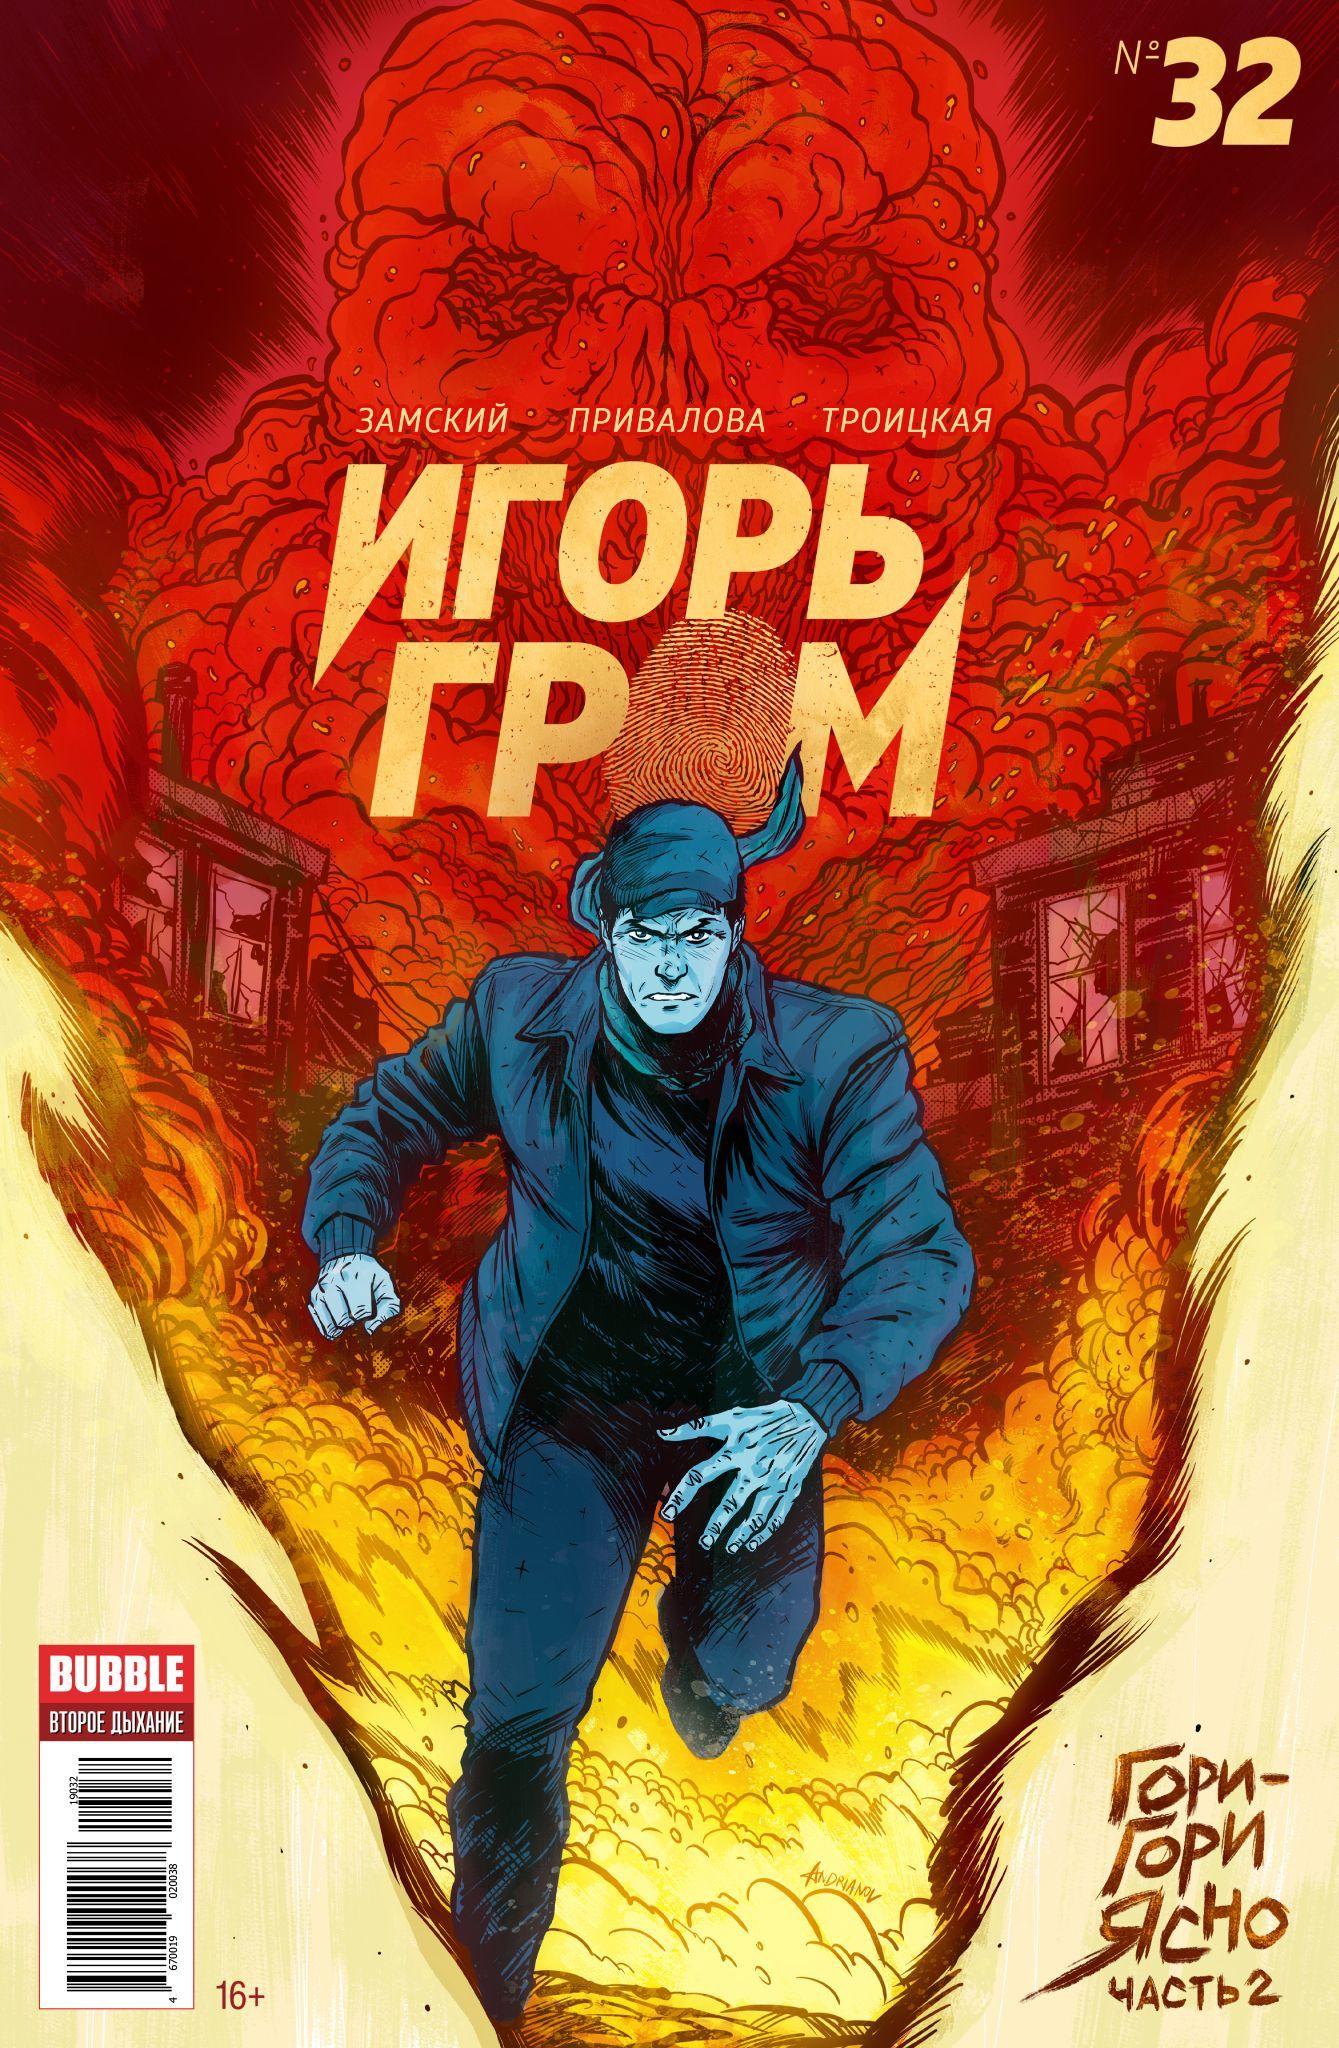 Игорь Гром №32